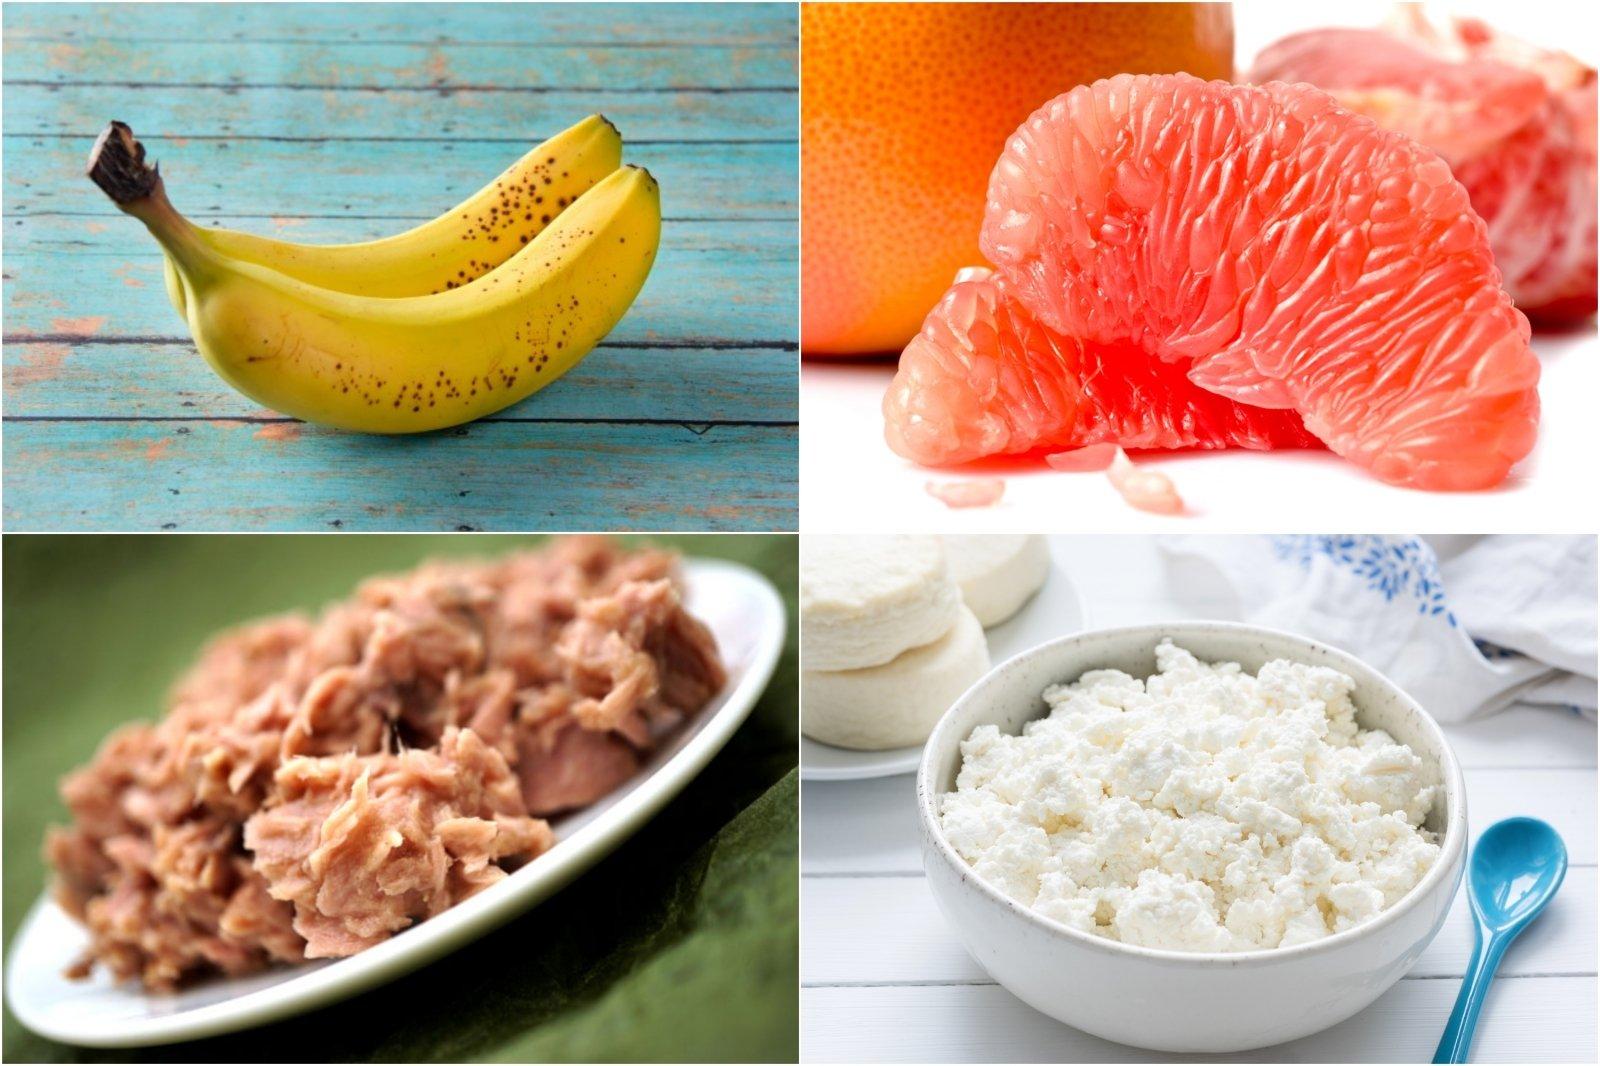 Sveika širdžiai dieta: kokia? | Karjera ir sveikata